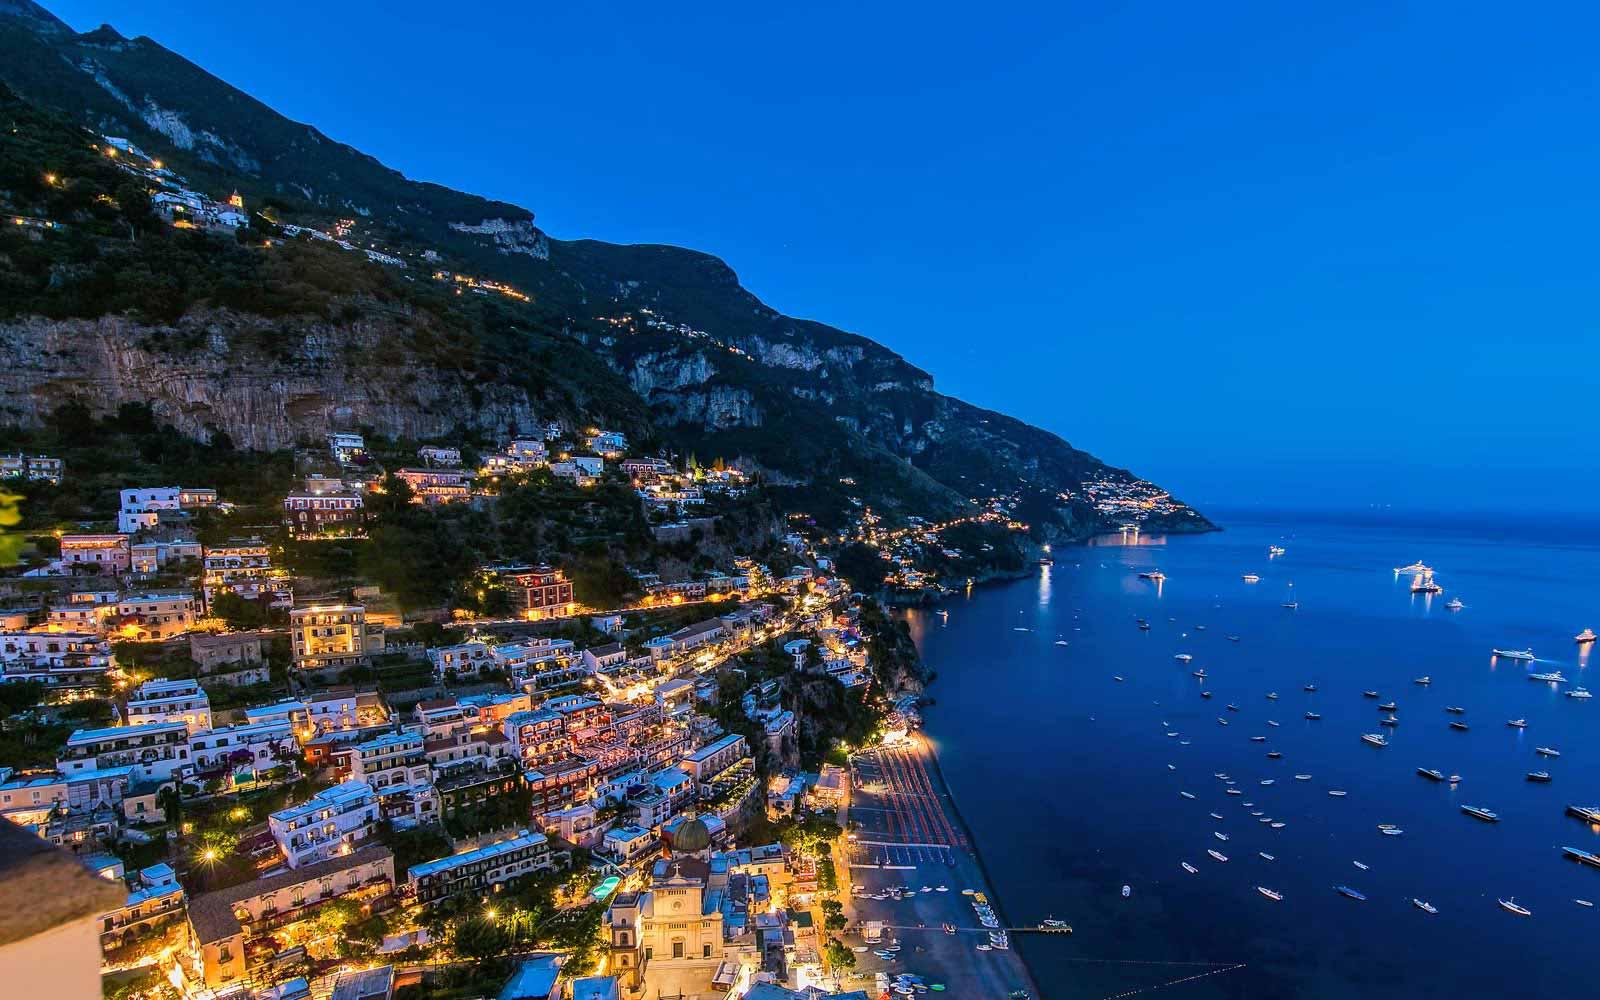 Panoramic night view at Hotel Villa Franca